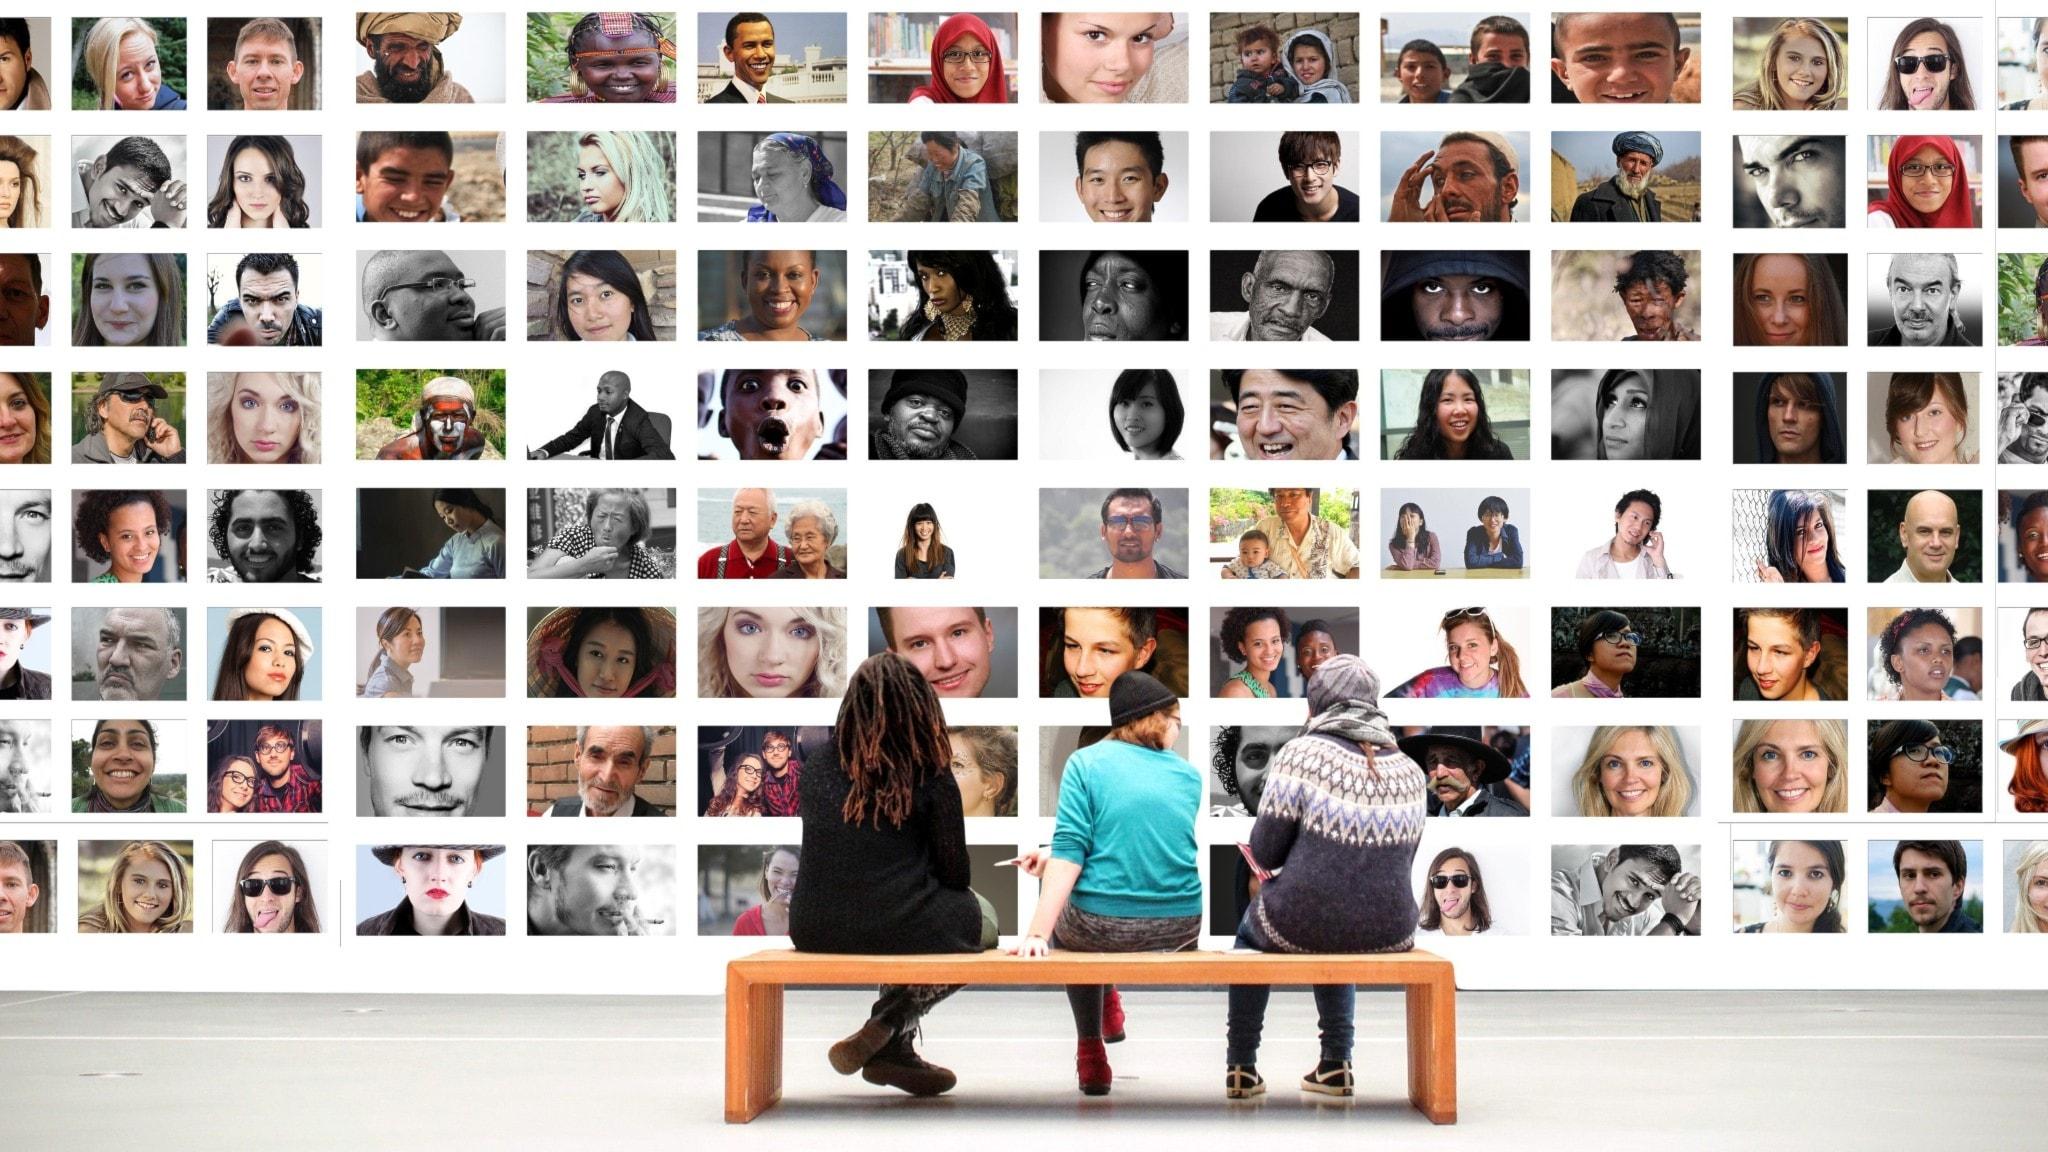 Tre personer sitter på en bänk och tittar på massor med fotografier med människor med olika urspurng.